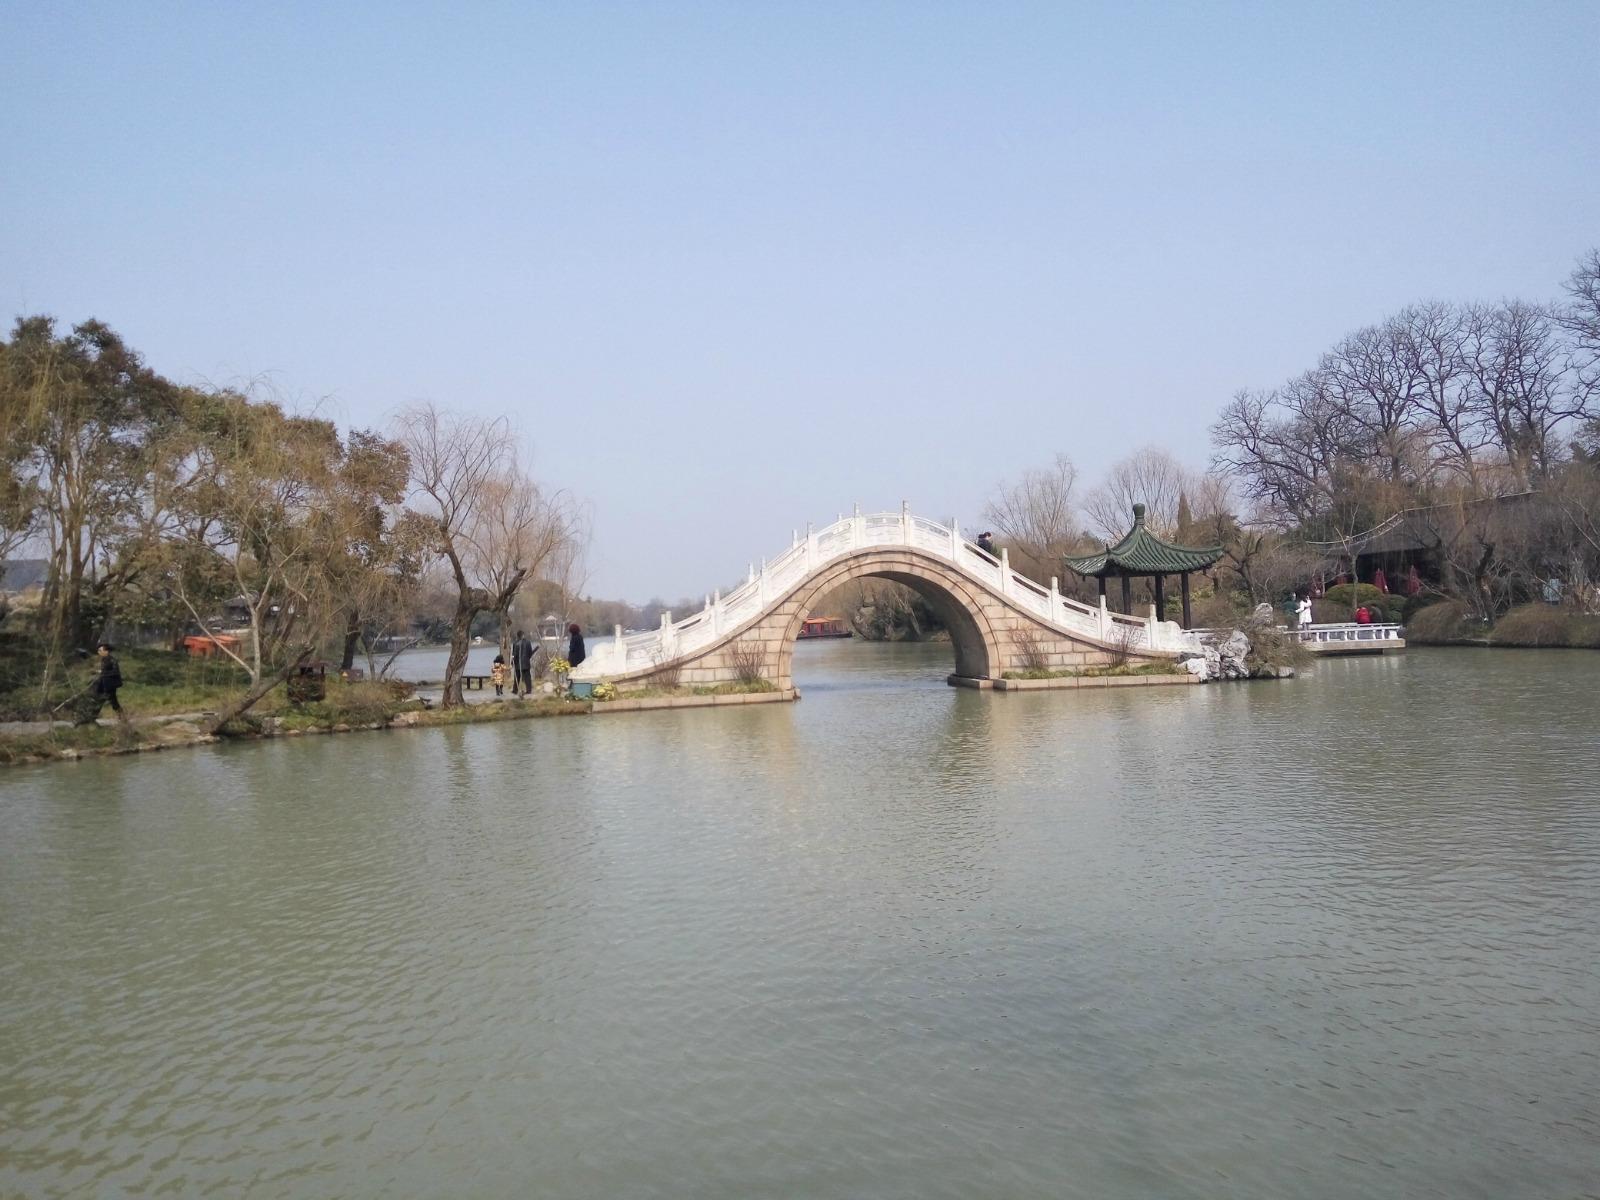 品味攻略@论剑江南山河三月下扬州-扬州v攻略烟花四姑娘山自驾游图片